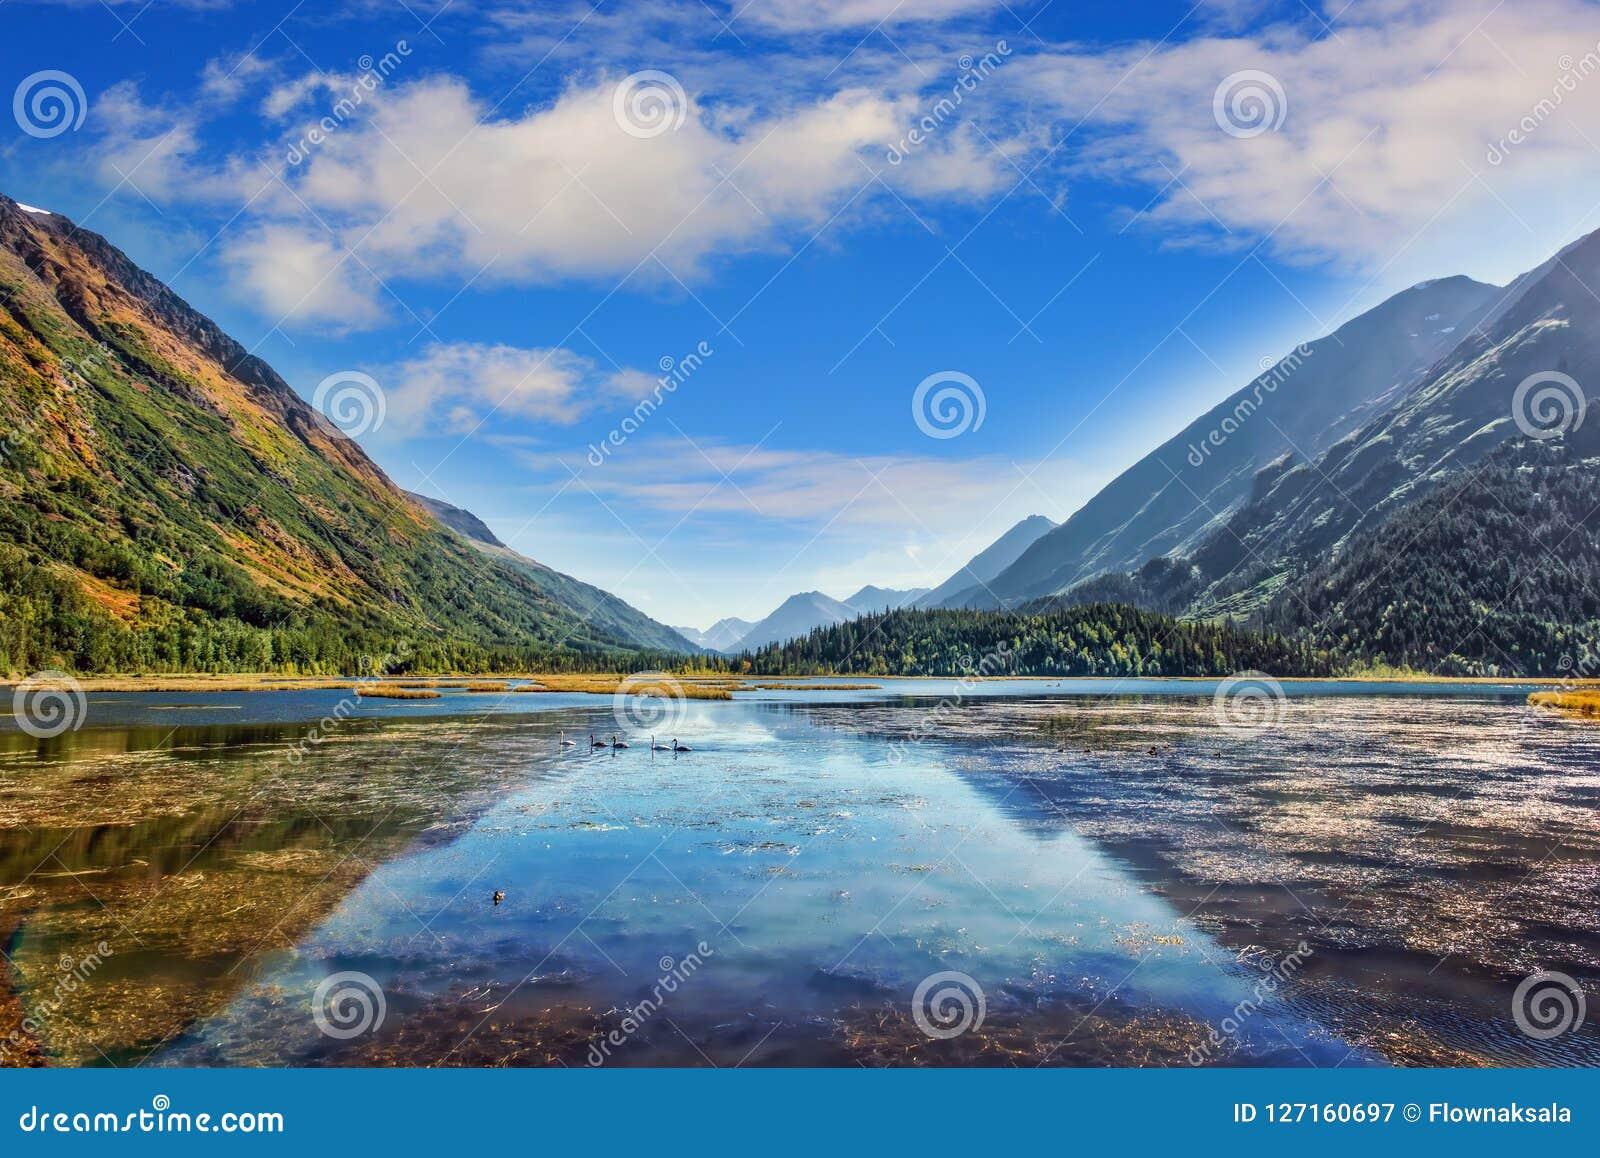 Γαλήνια από την Αλάσκα λίμνη βουνών στη χερσόνησο Kenai κατά τη διάρκεια Autum